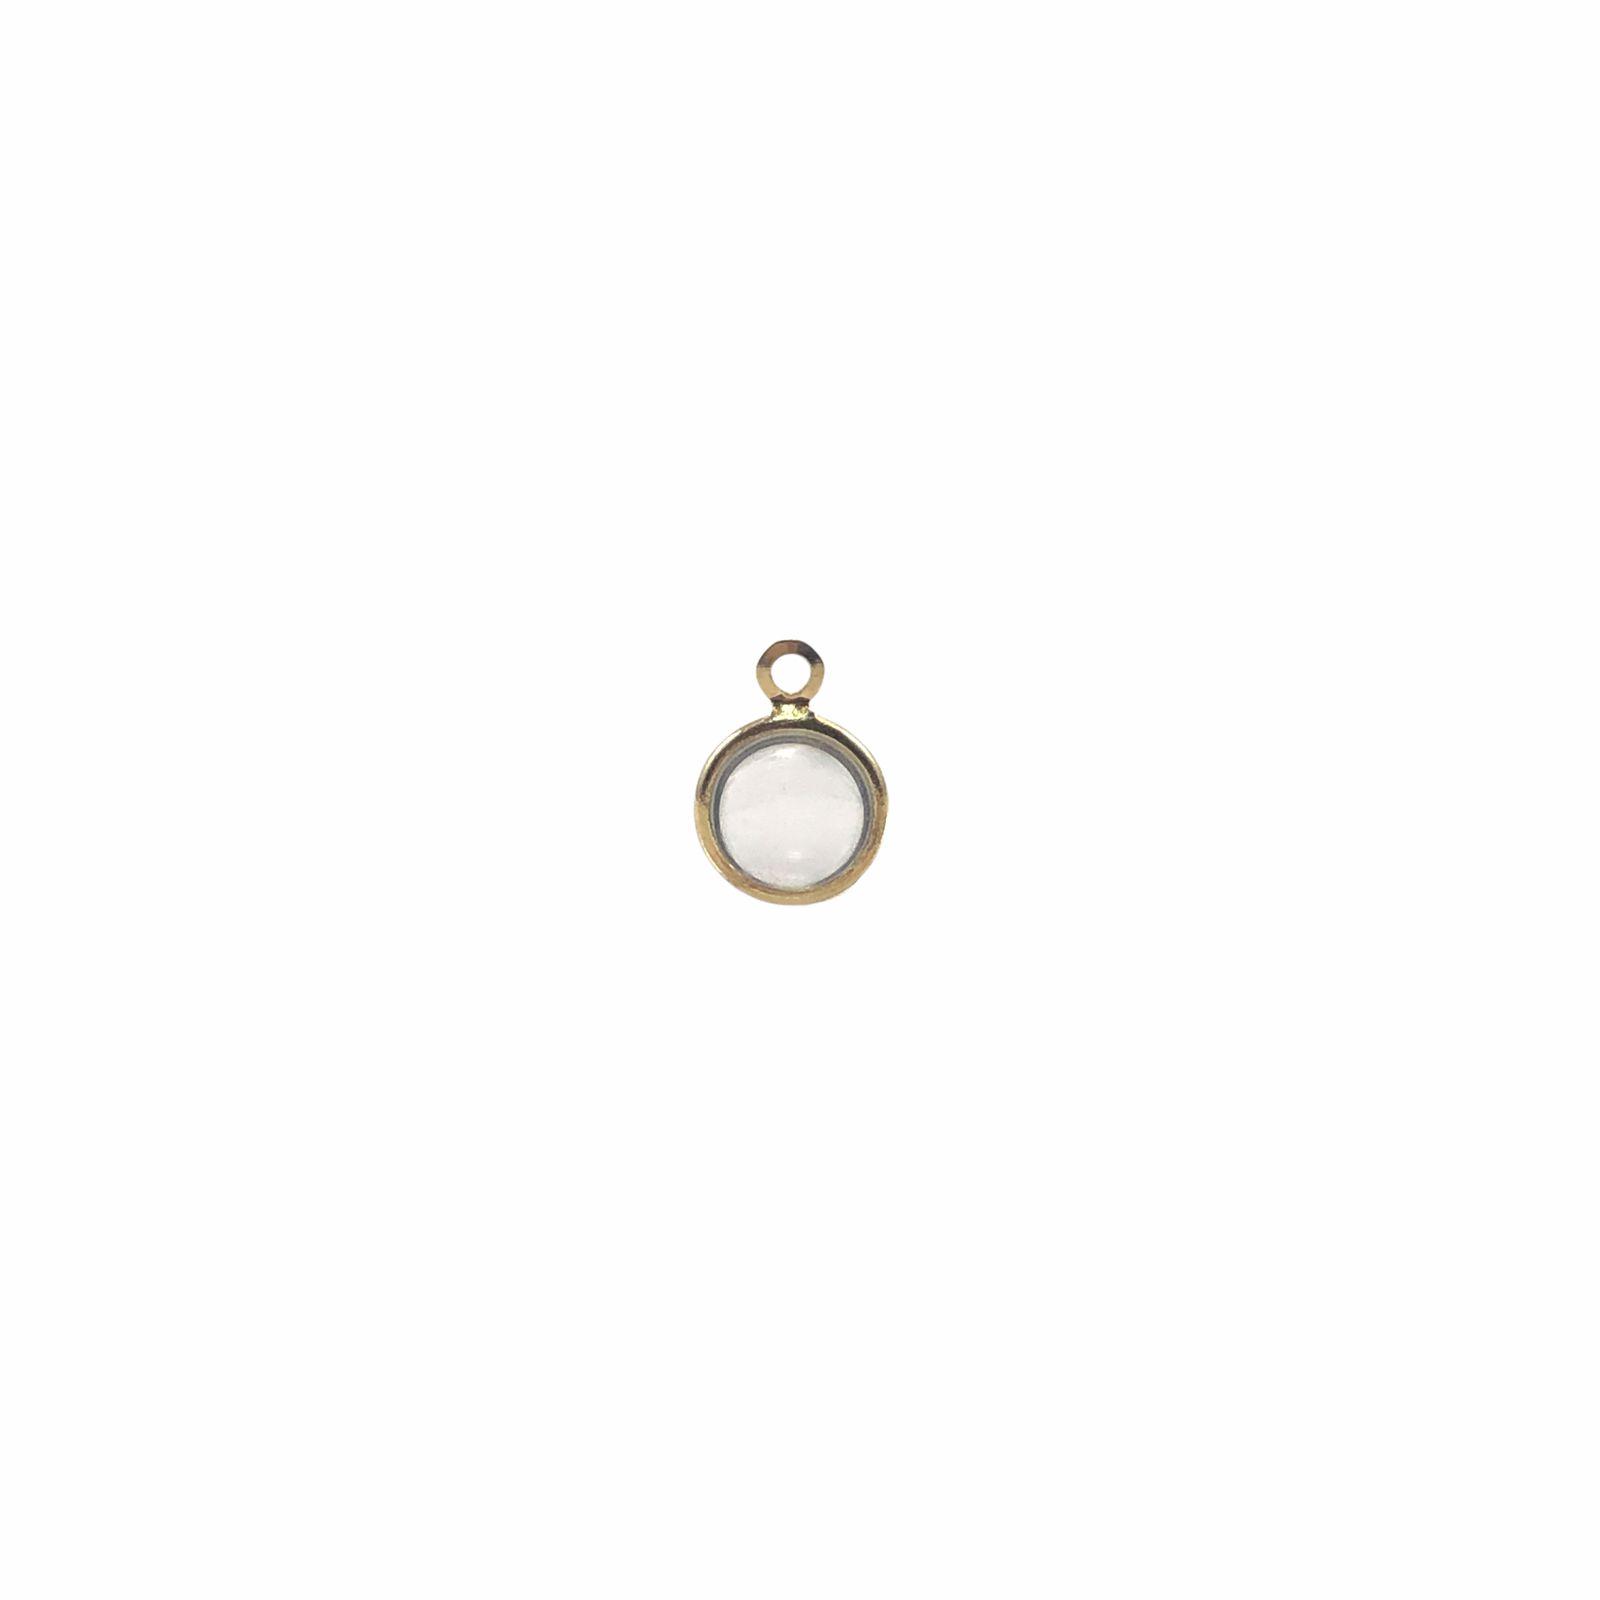 PG860 - Pingente De Vidro Cristal 8mm Banhado Cor Dourado - 04Unids